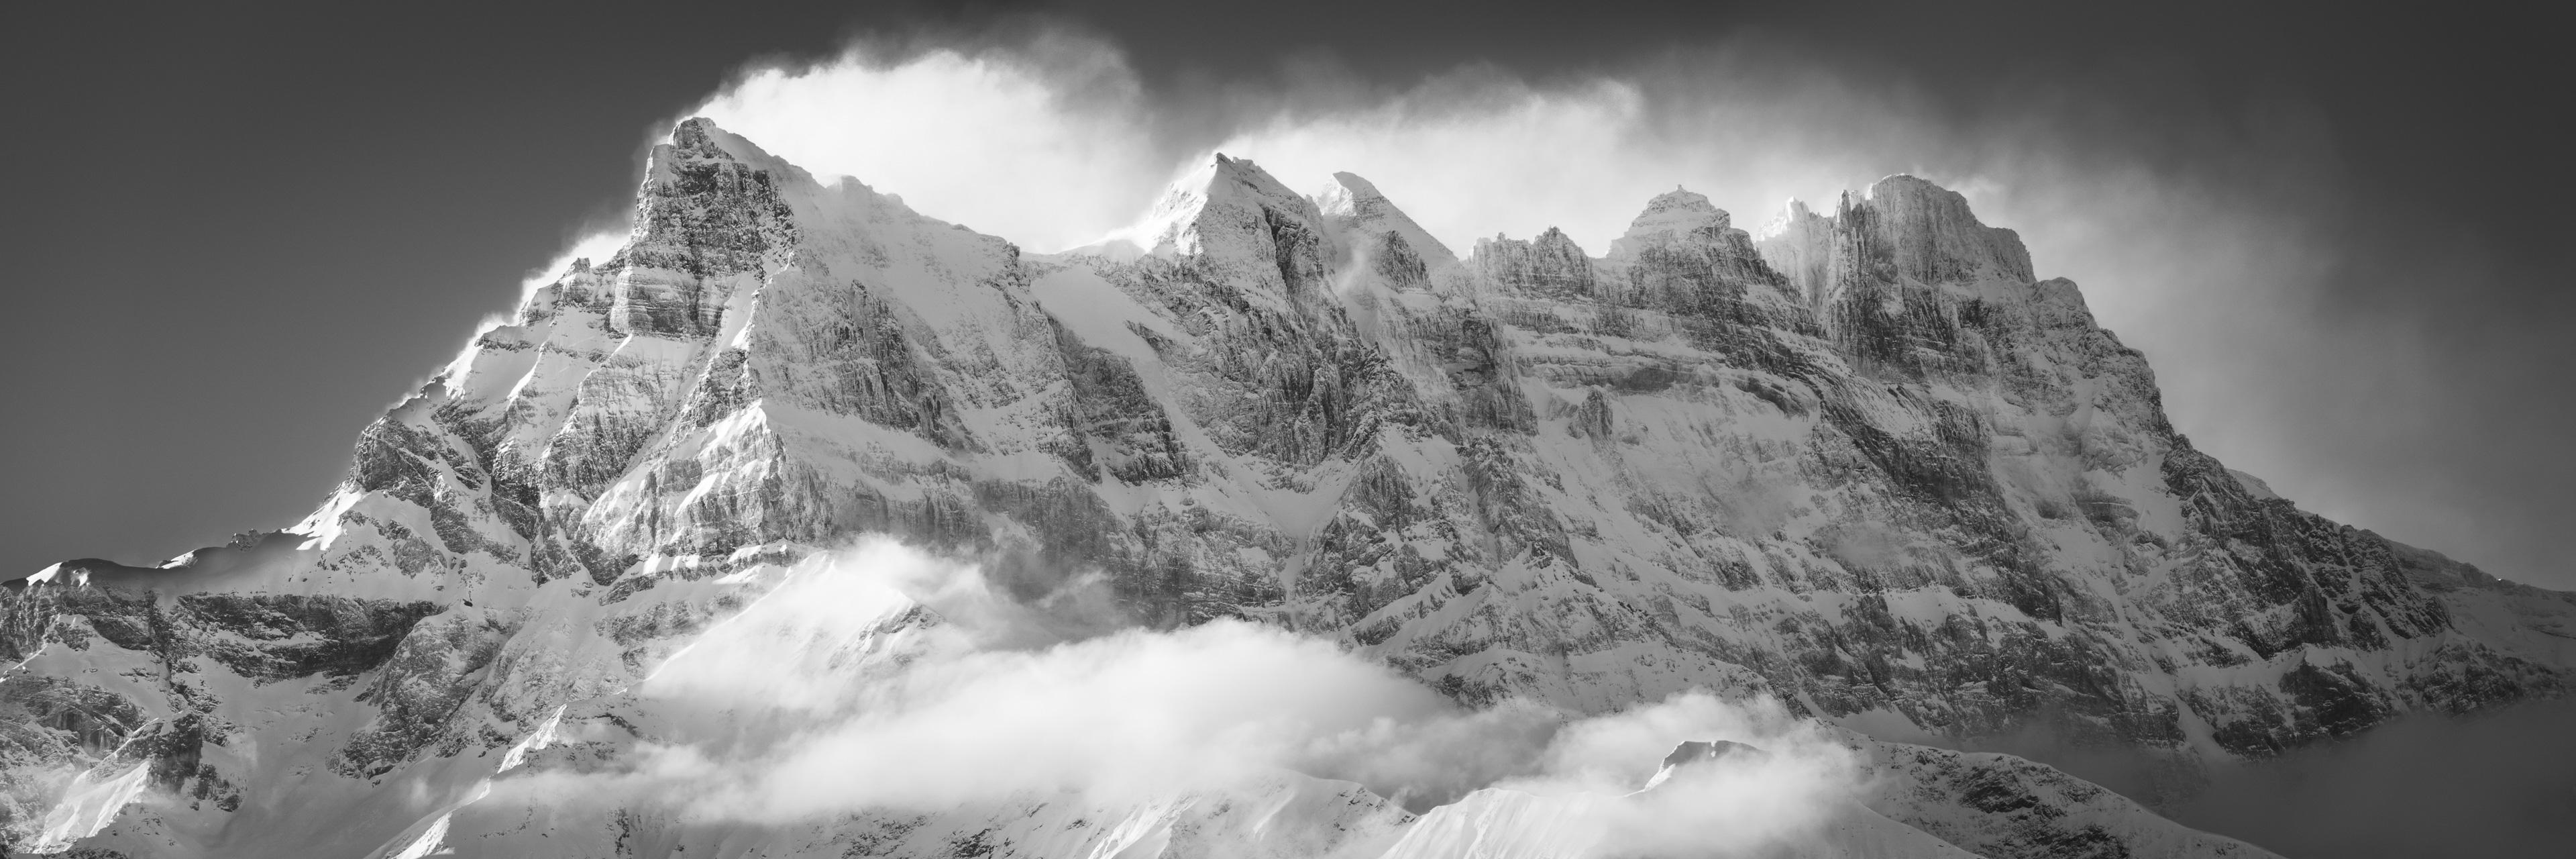 Panorama de montagne enneigée de la Dent Blanche en noir et blanc lors d'un lever de soleil sur ce massif des Alpes en Suisse